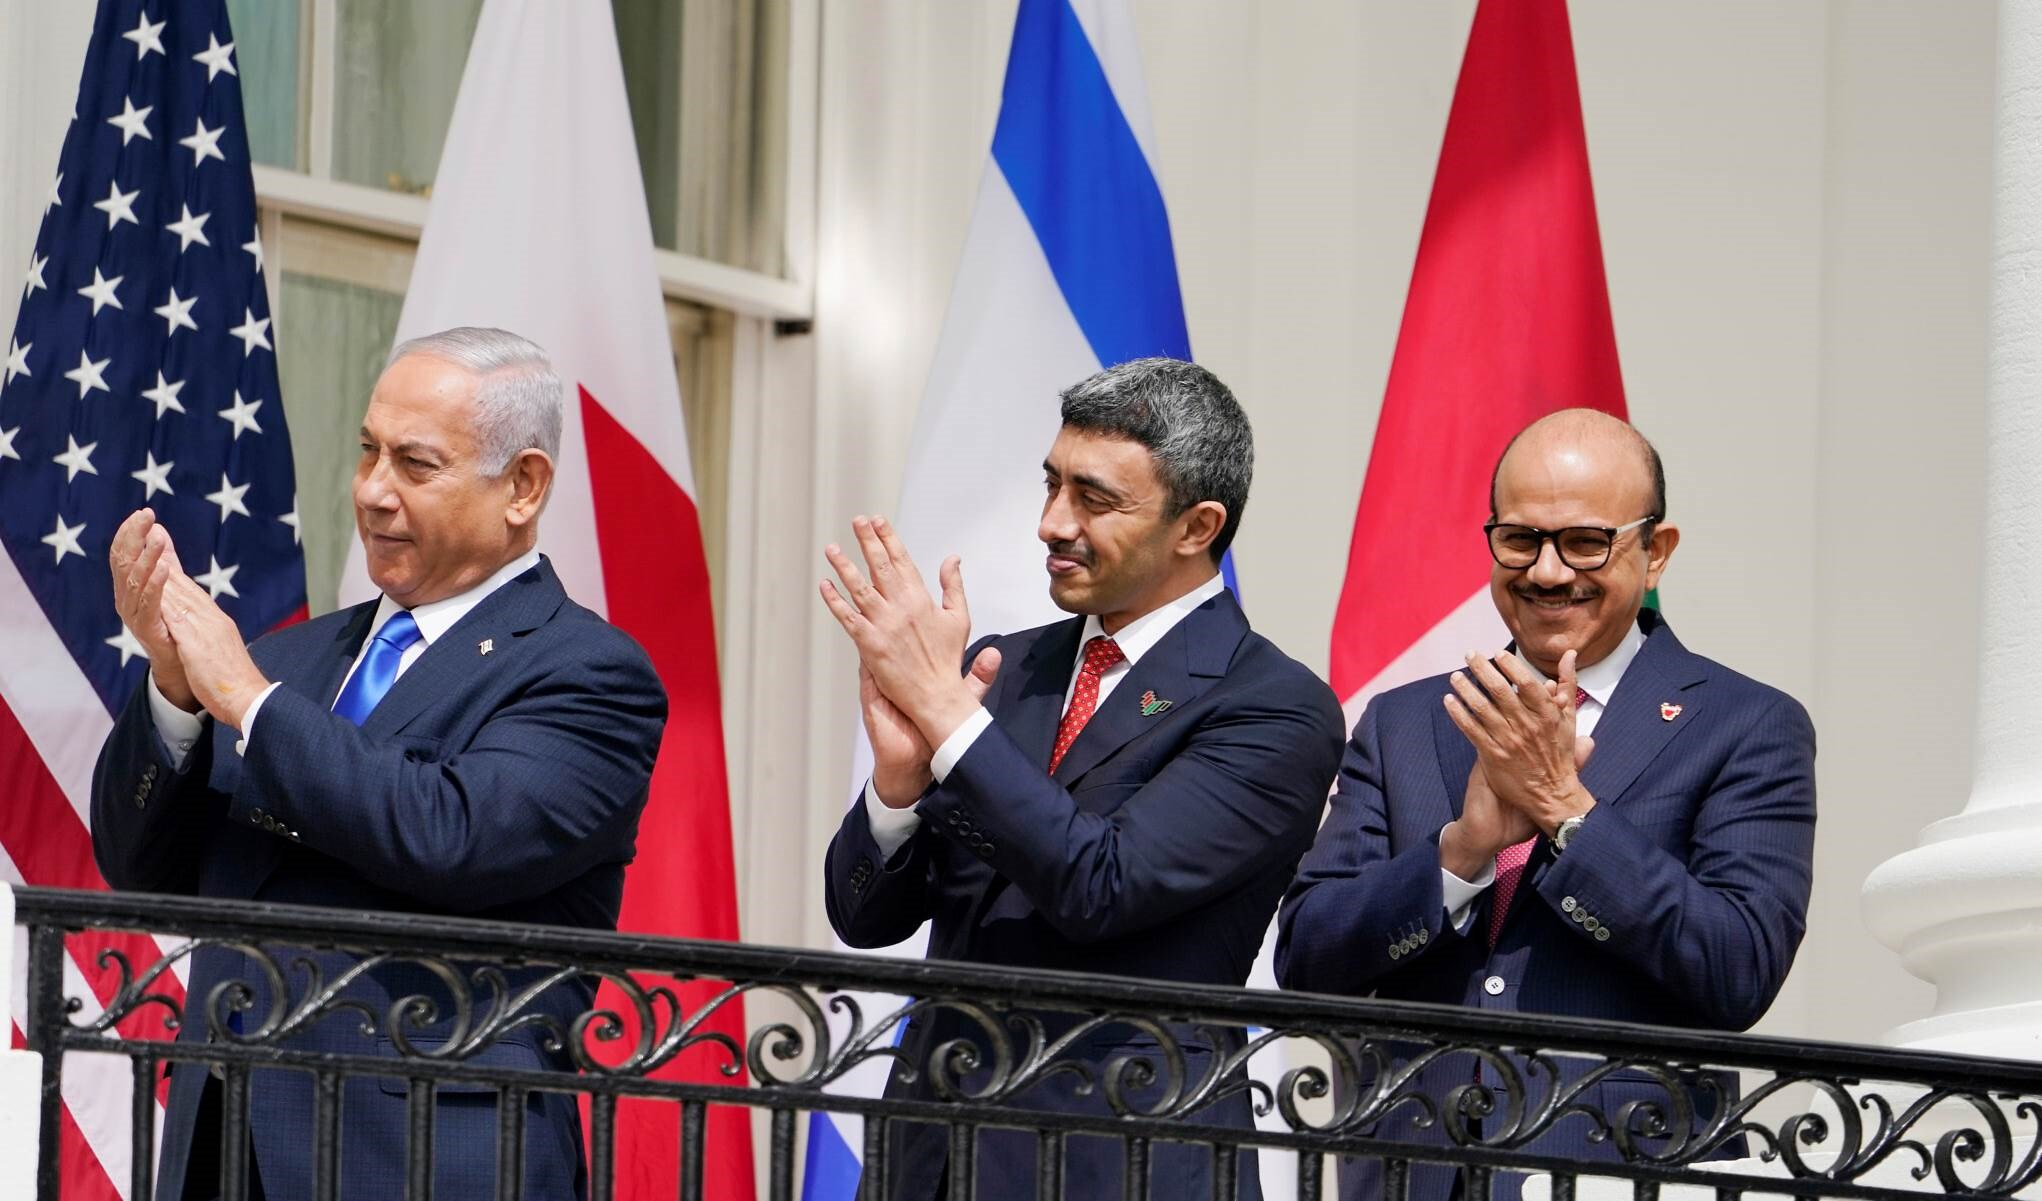 رئيس الوزراء الإسرائيلي بنيامين نتنياهو ووزير خارجية الإمارات عبد الله بن زايد آل نهيان ووزير خارجية البحرين عبد اللطيف الزياني خلال التوقيع على